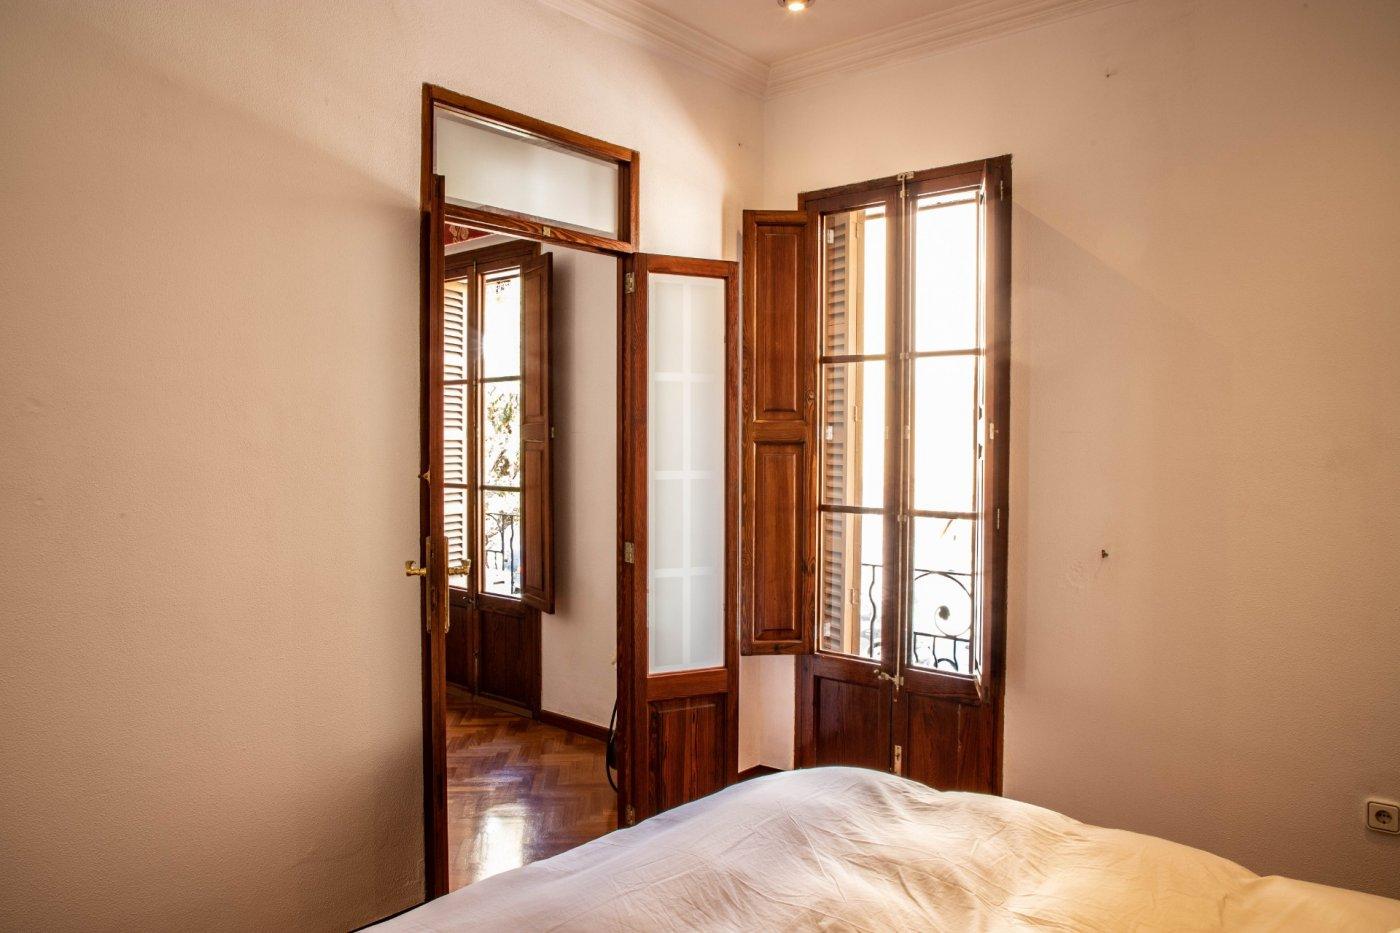 Primer piso con terrado privado en santa catalina - imagenInmueble21